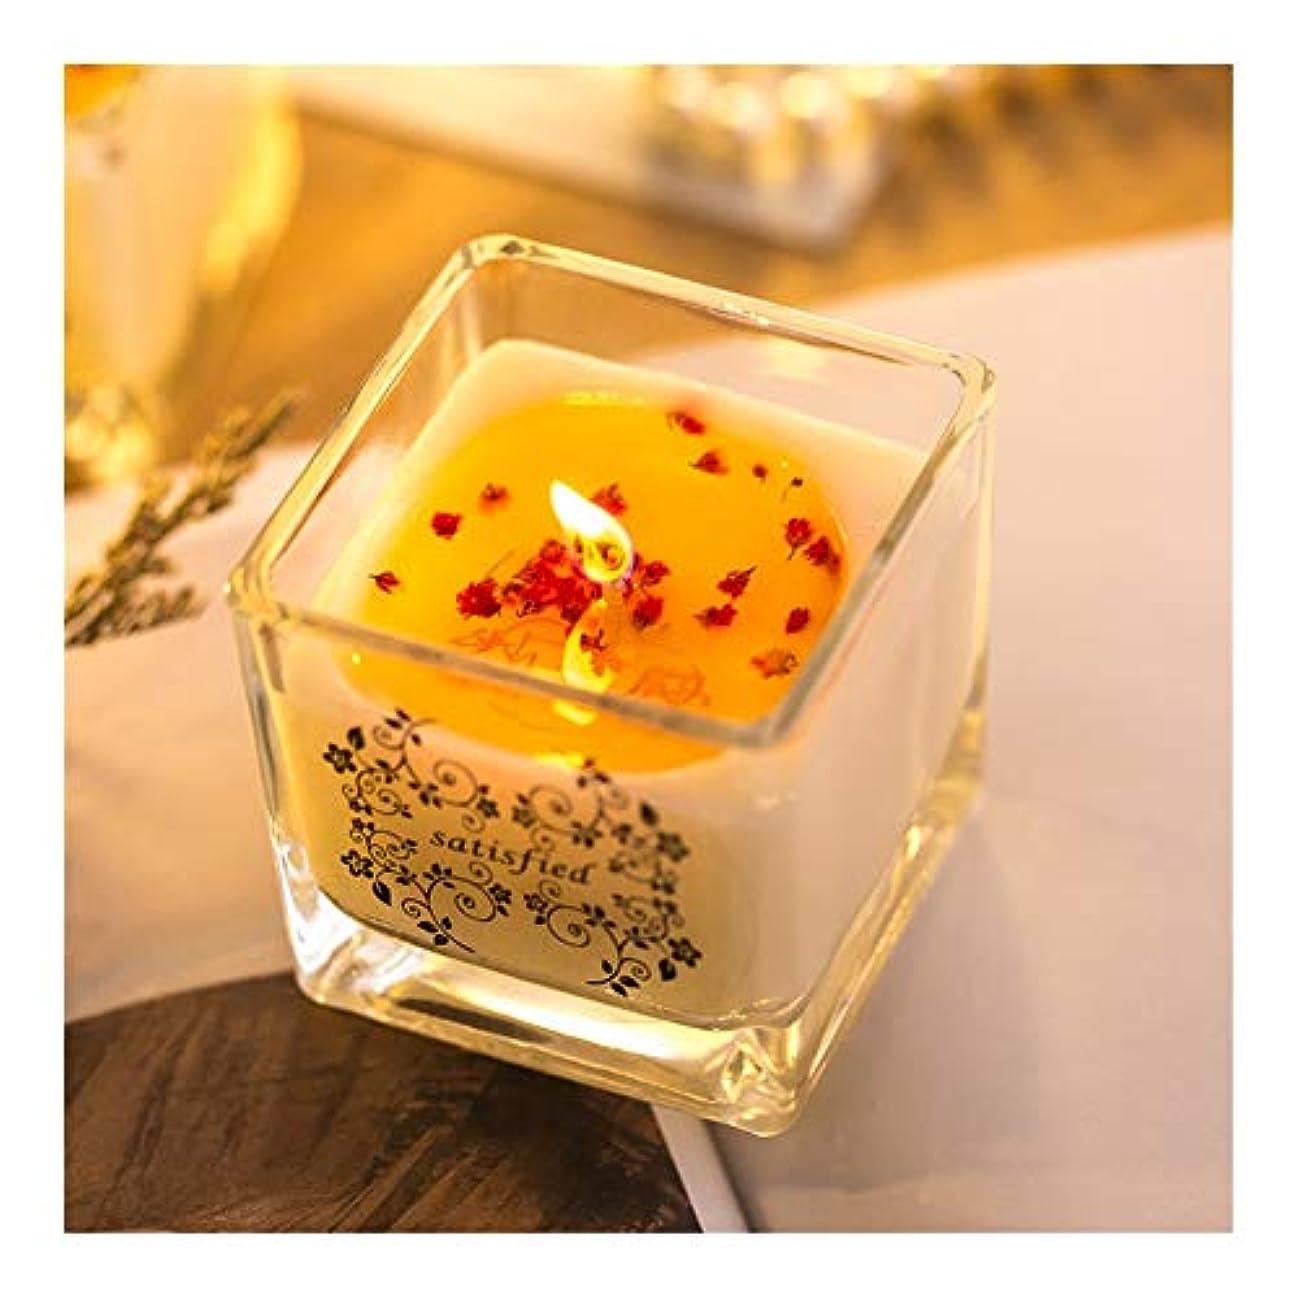 シンプルな大西洋編集者Ztian 手作りアロマセラピー大豆キャンドルロマンチックな結婚結婚ガラスの花びら輸入無煙エッセンシャルオイルキャンドル卸売 (色 : Green tea)